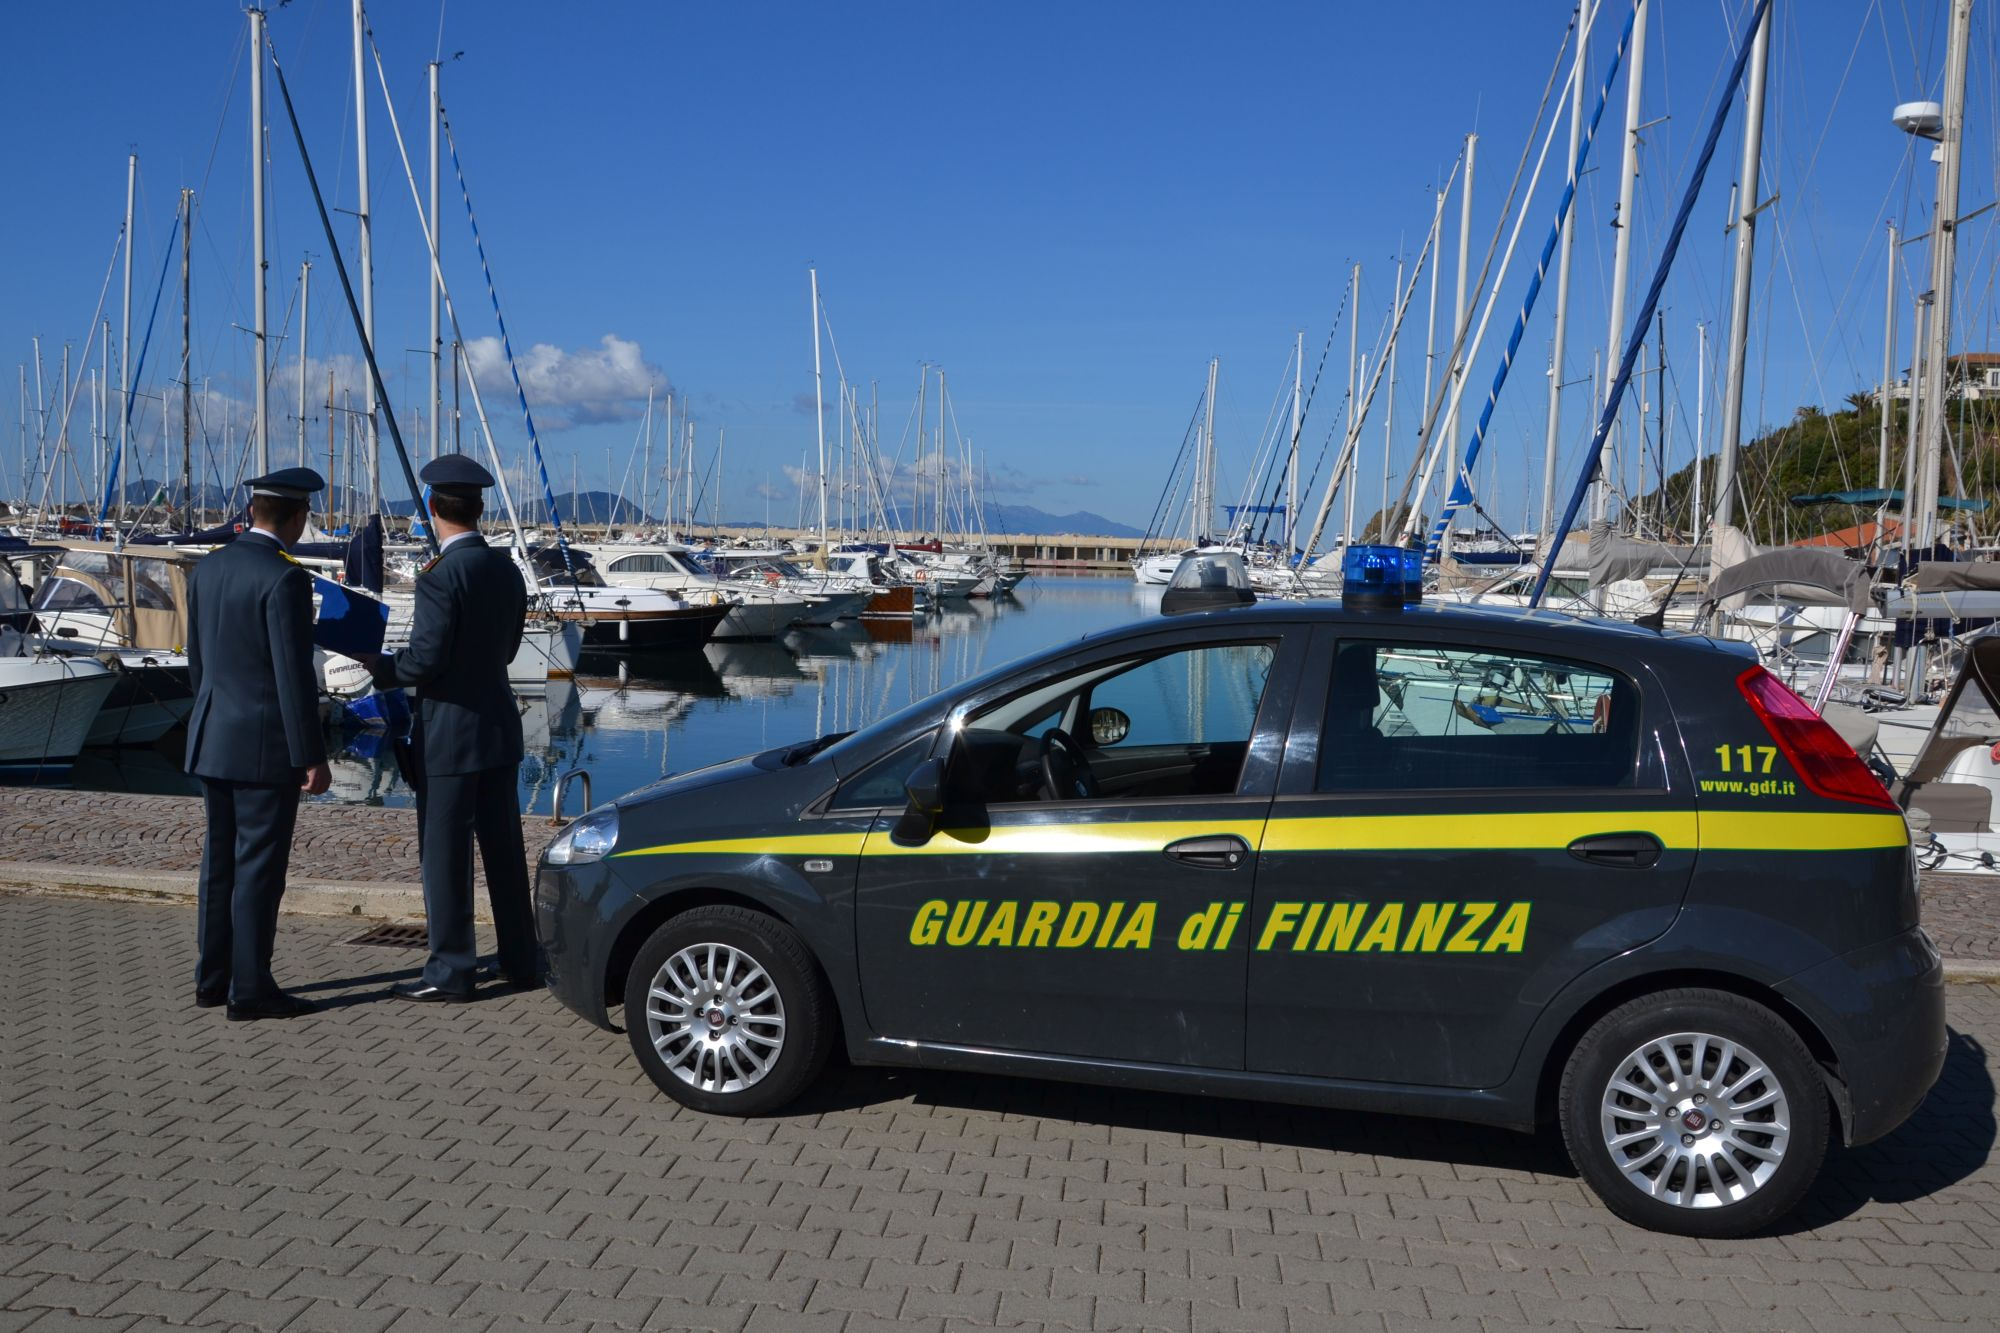 Società utilizza fatture false per 160mila euro: la Guardia di Finanza scopre il raggiro